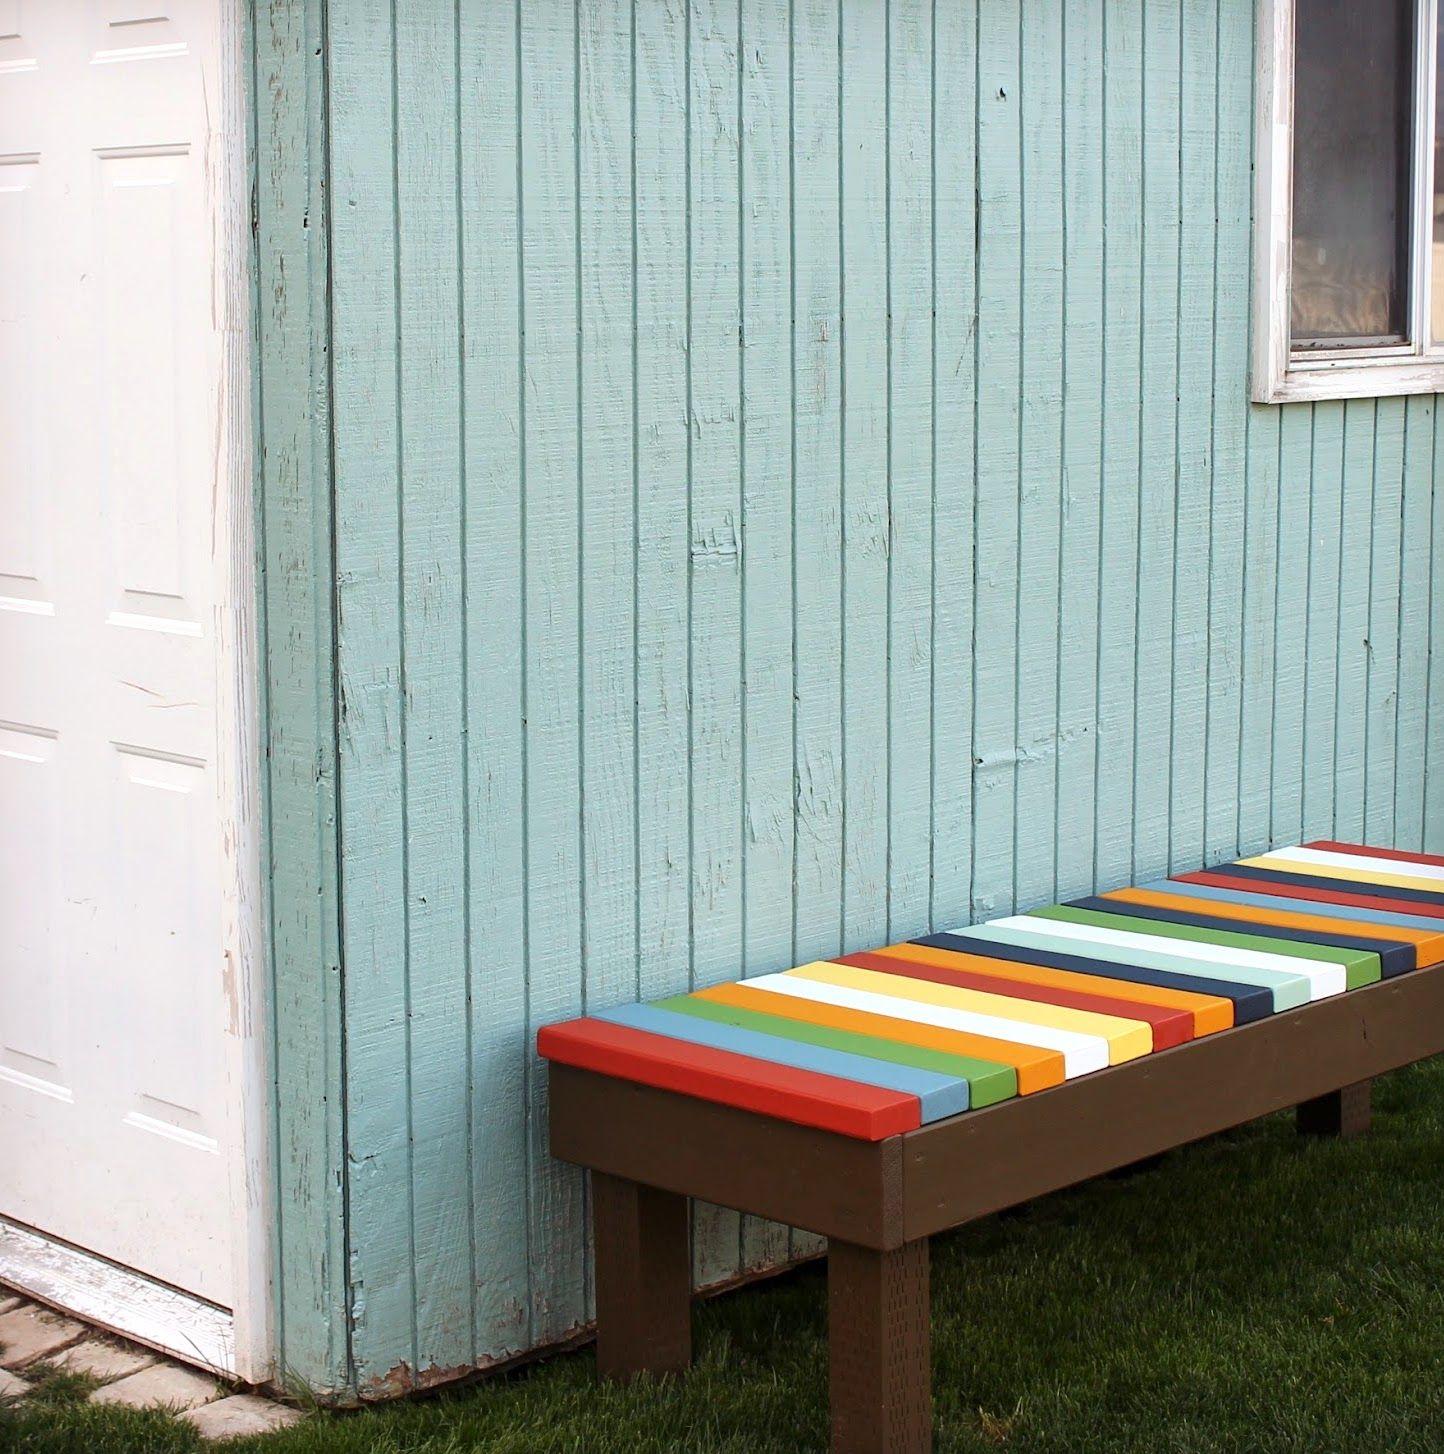 Какой краской красят скамейки из древесины на улице